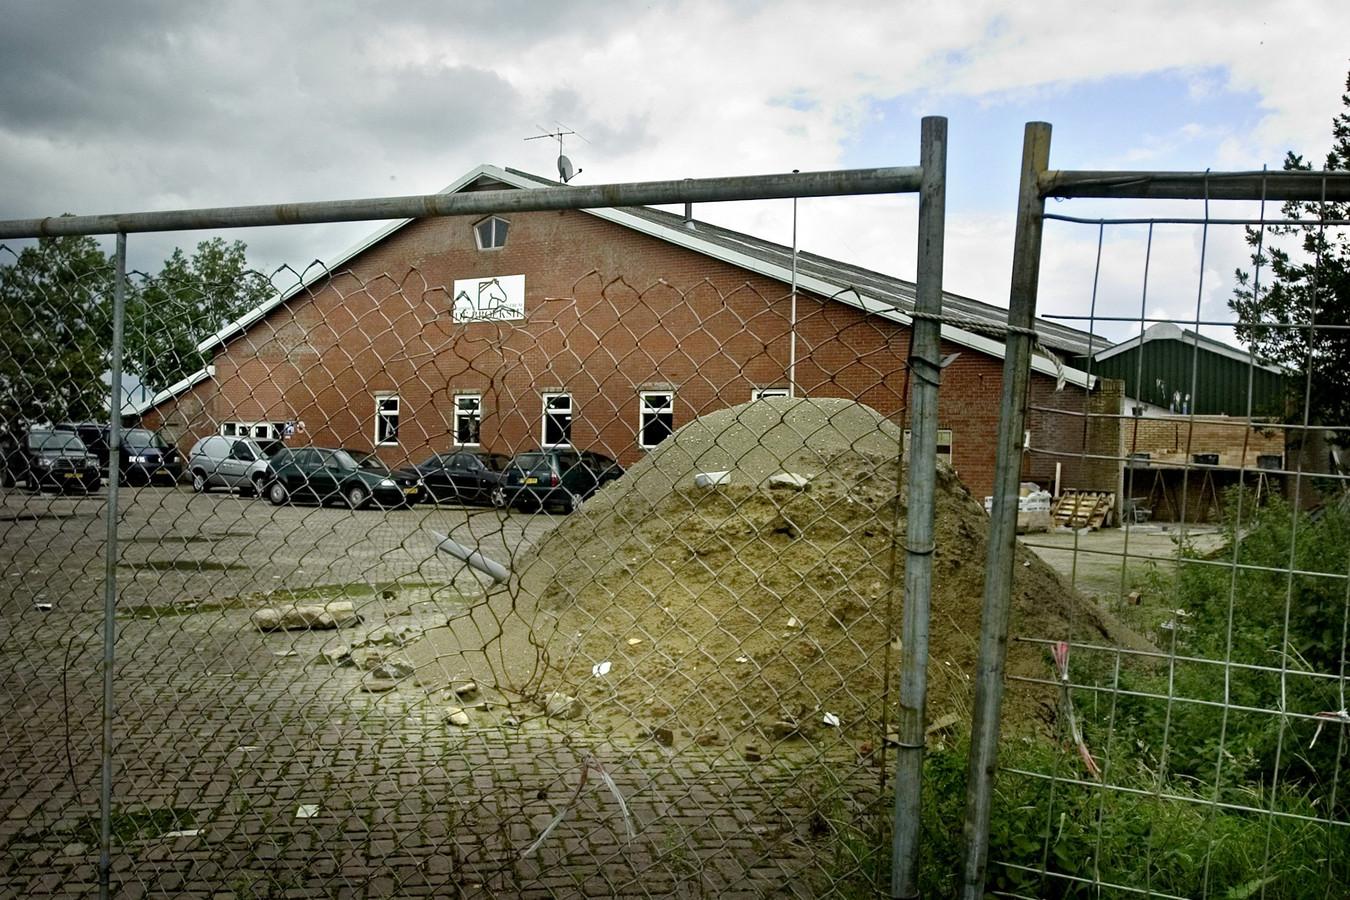 De manege in Esbeek, destijds een van de bezittingen van het stel uit Kaatsheuvel.